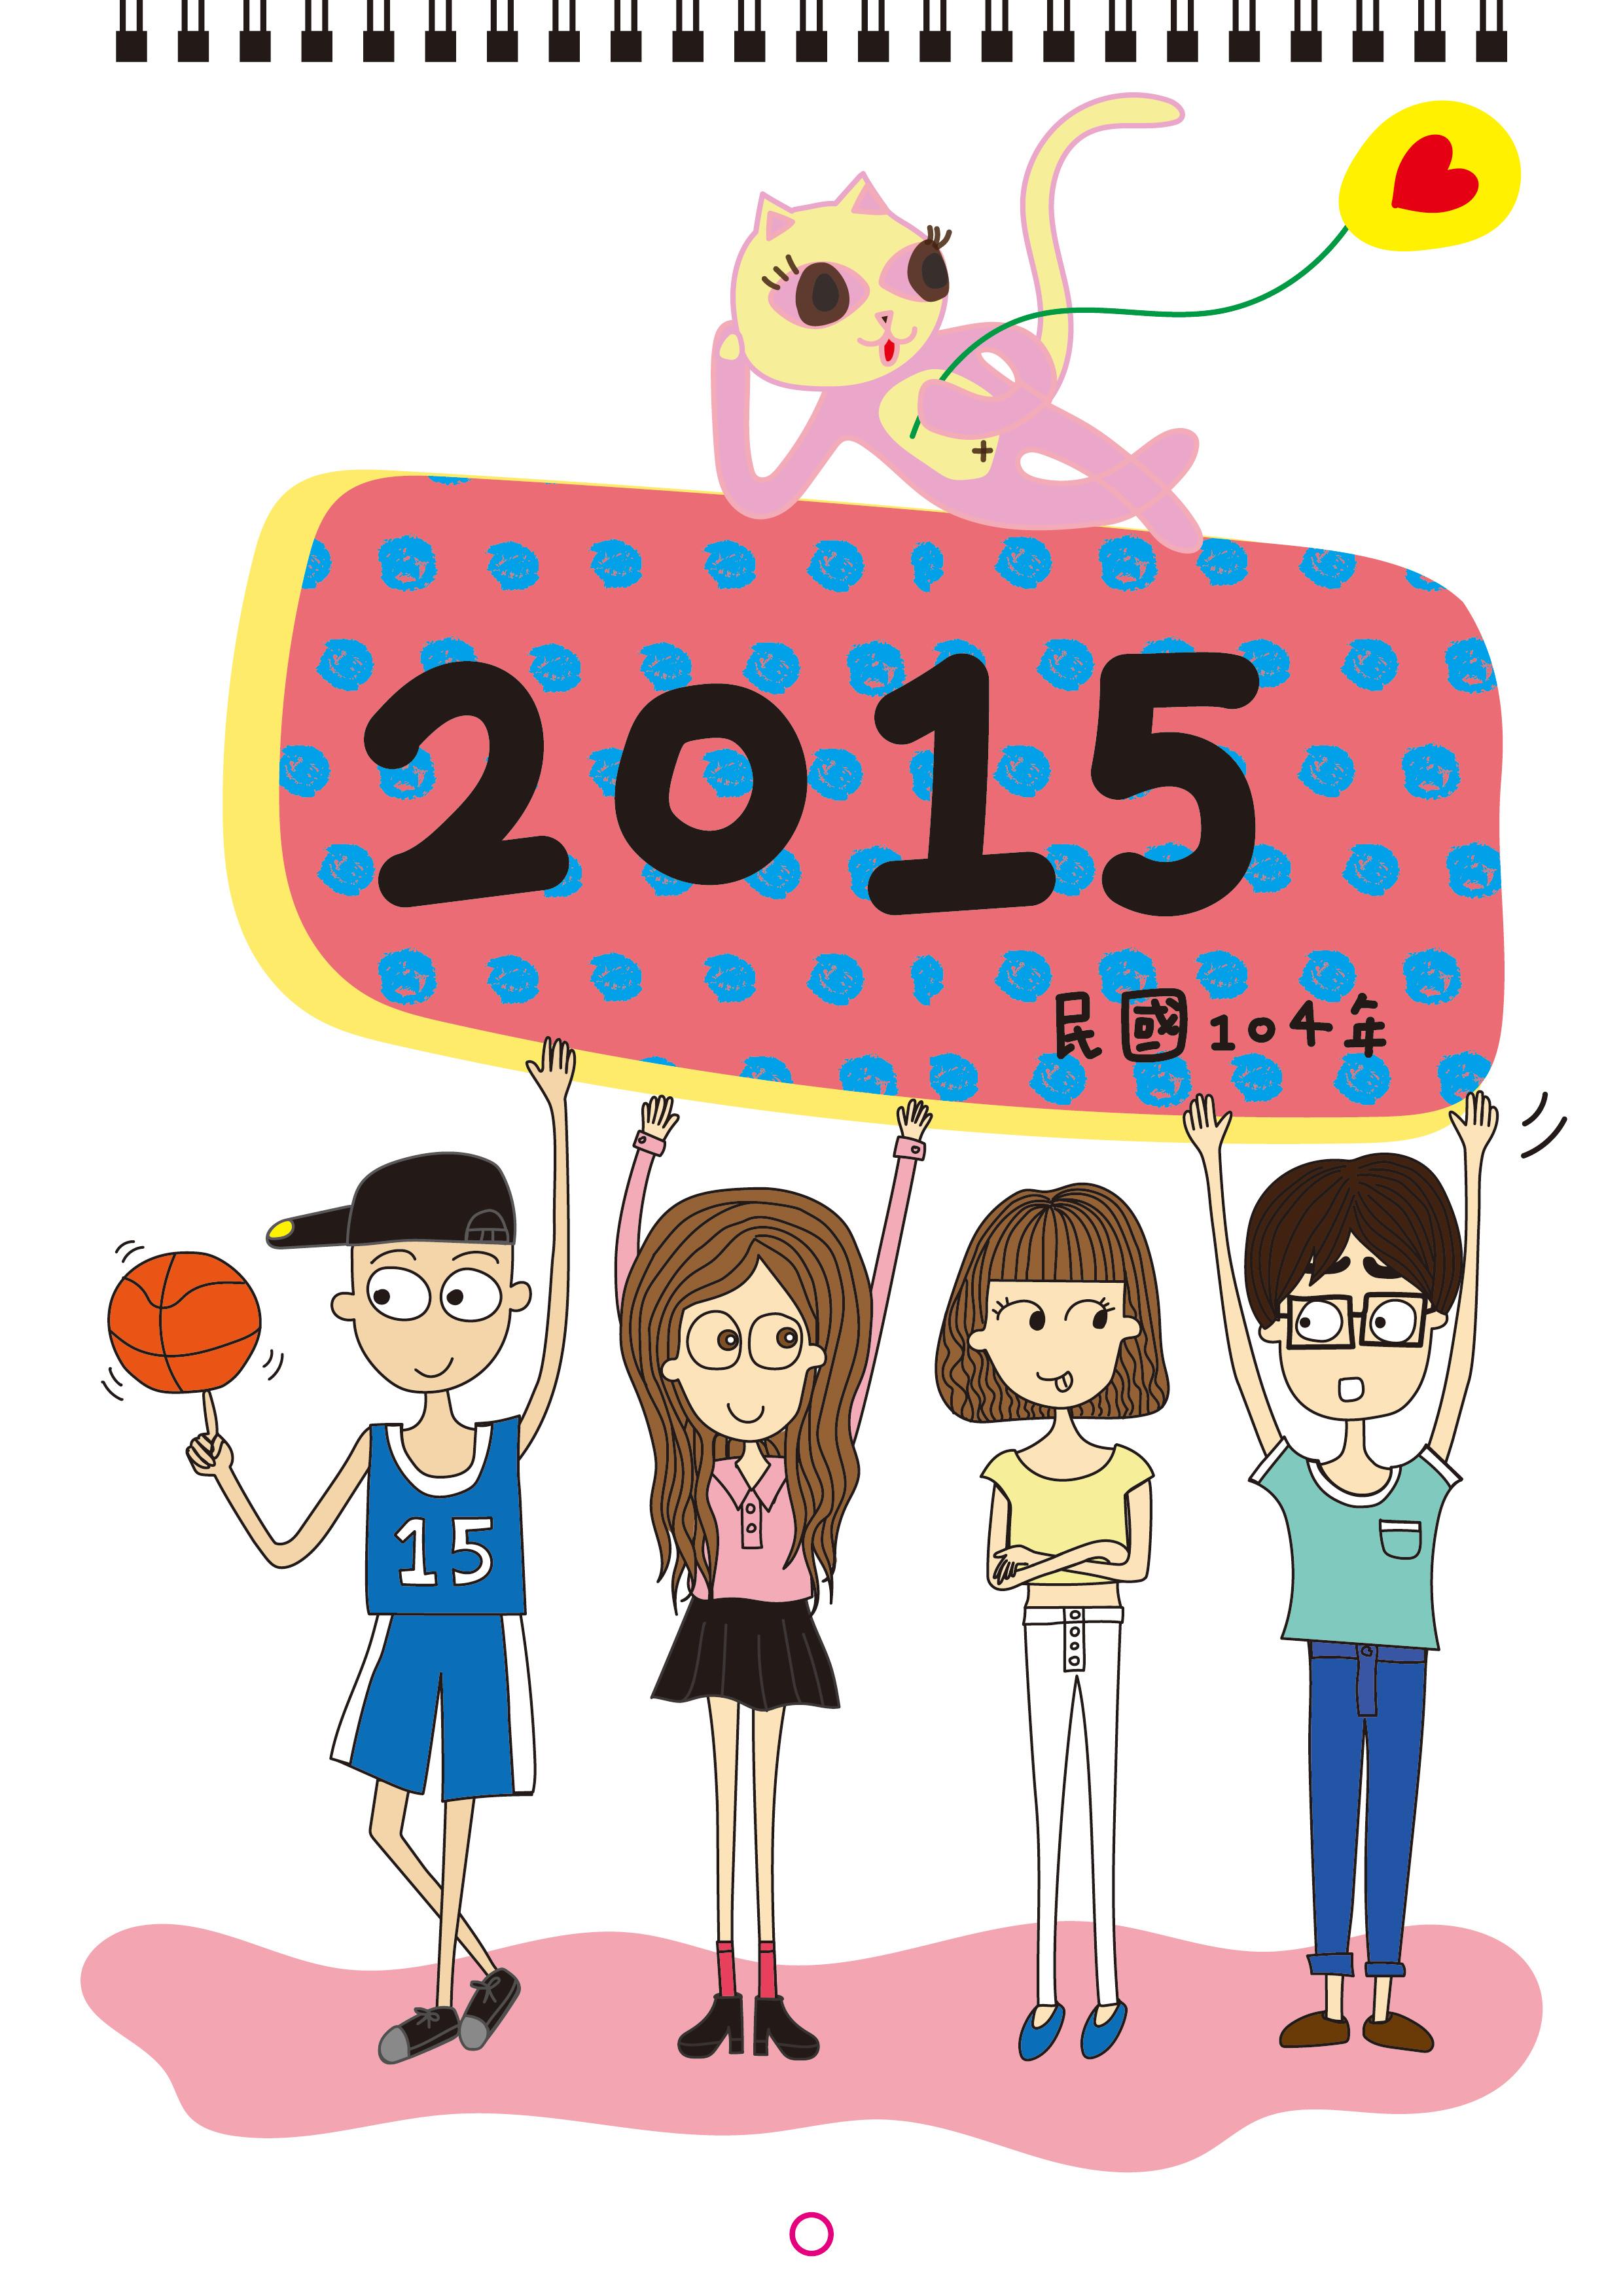 1011857_2015年桌曆-01